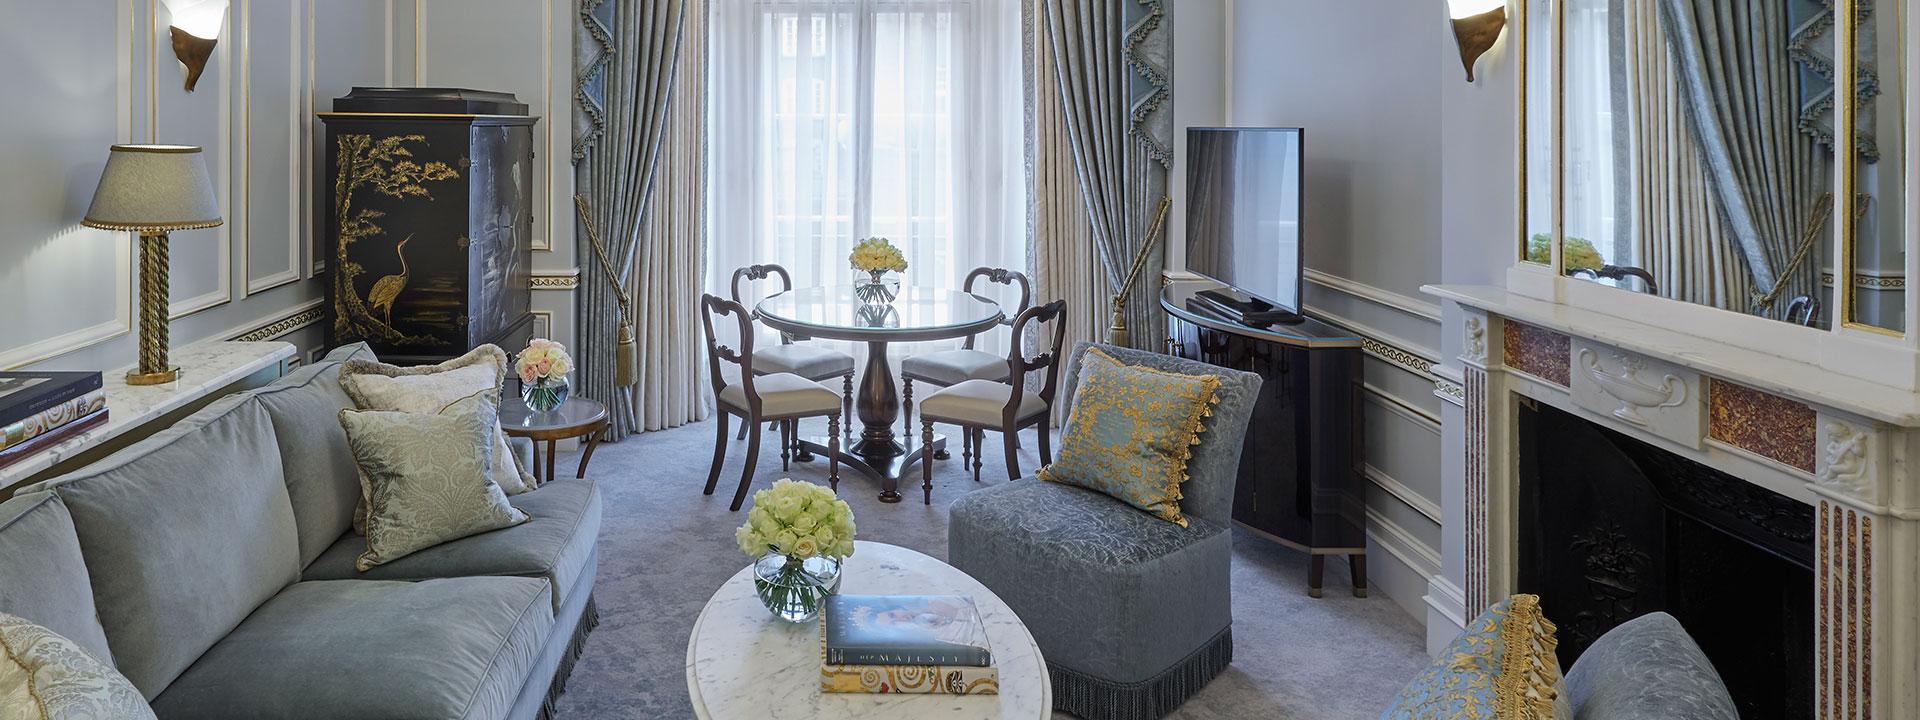 Mayfair suite 4